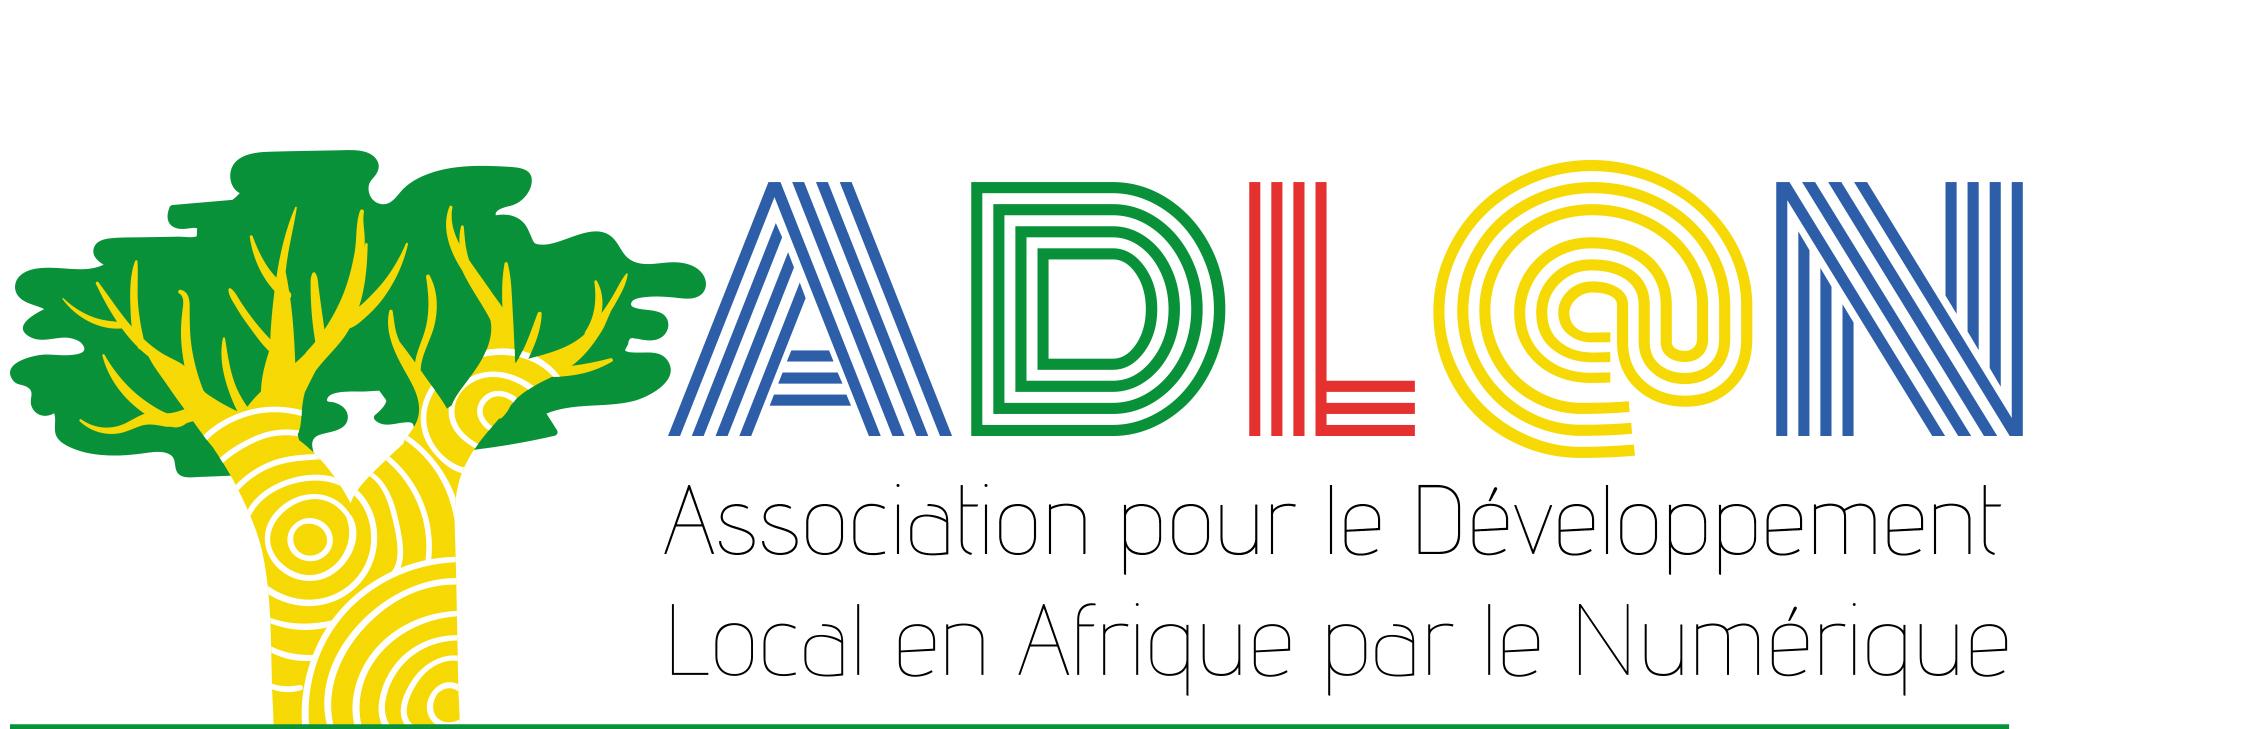 Association pour le développement par le numérique